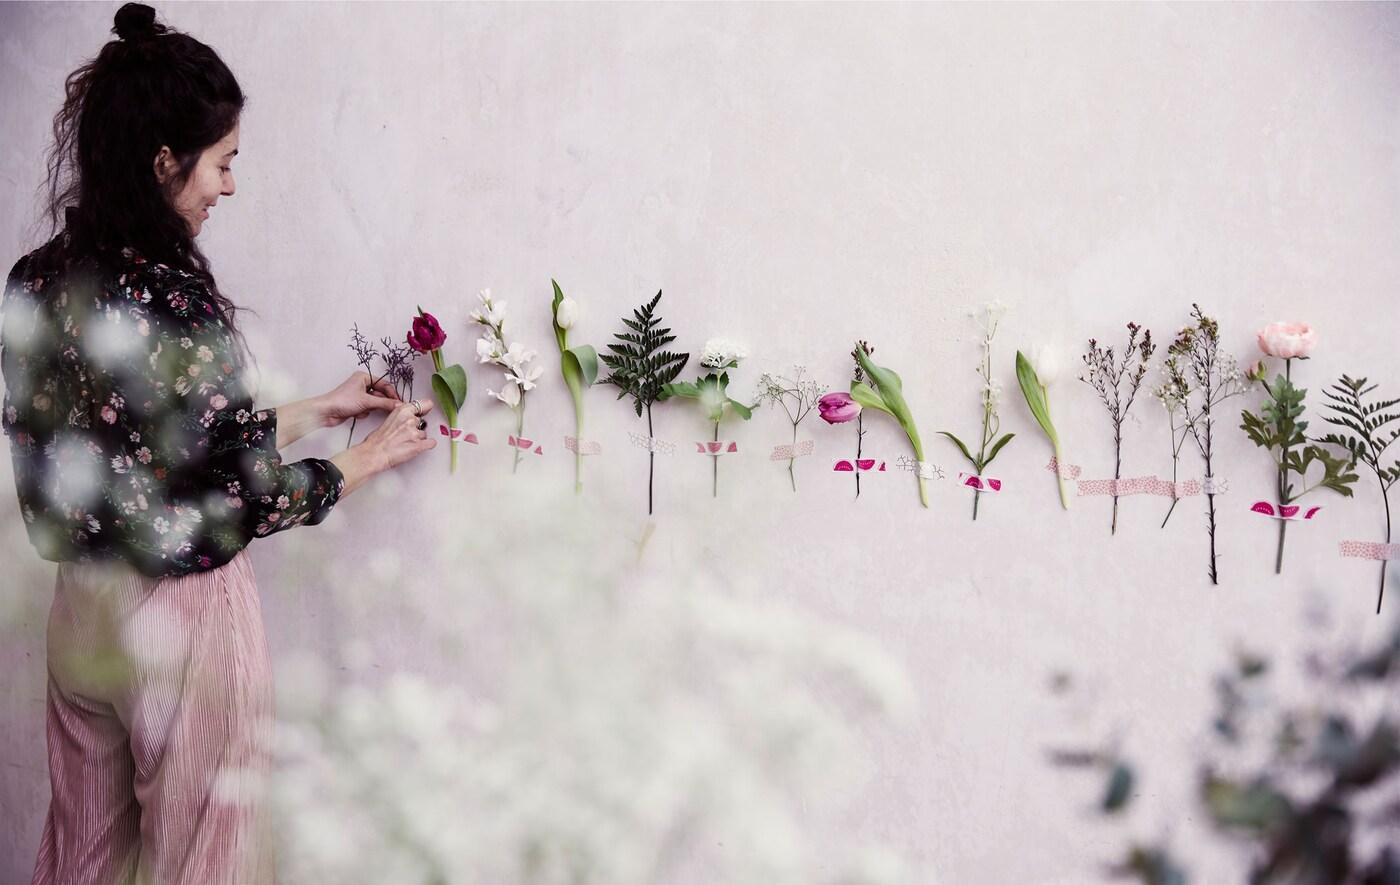 Julia tejpar fast enskilda blomstjälkar i en rad på en vit vägg.